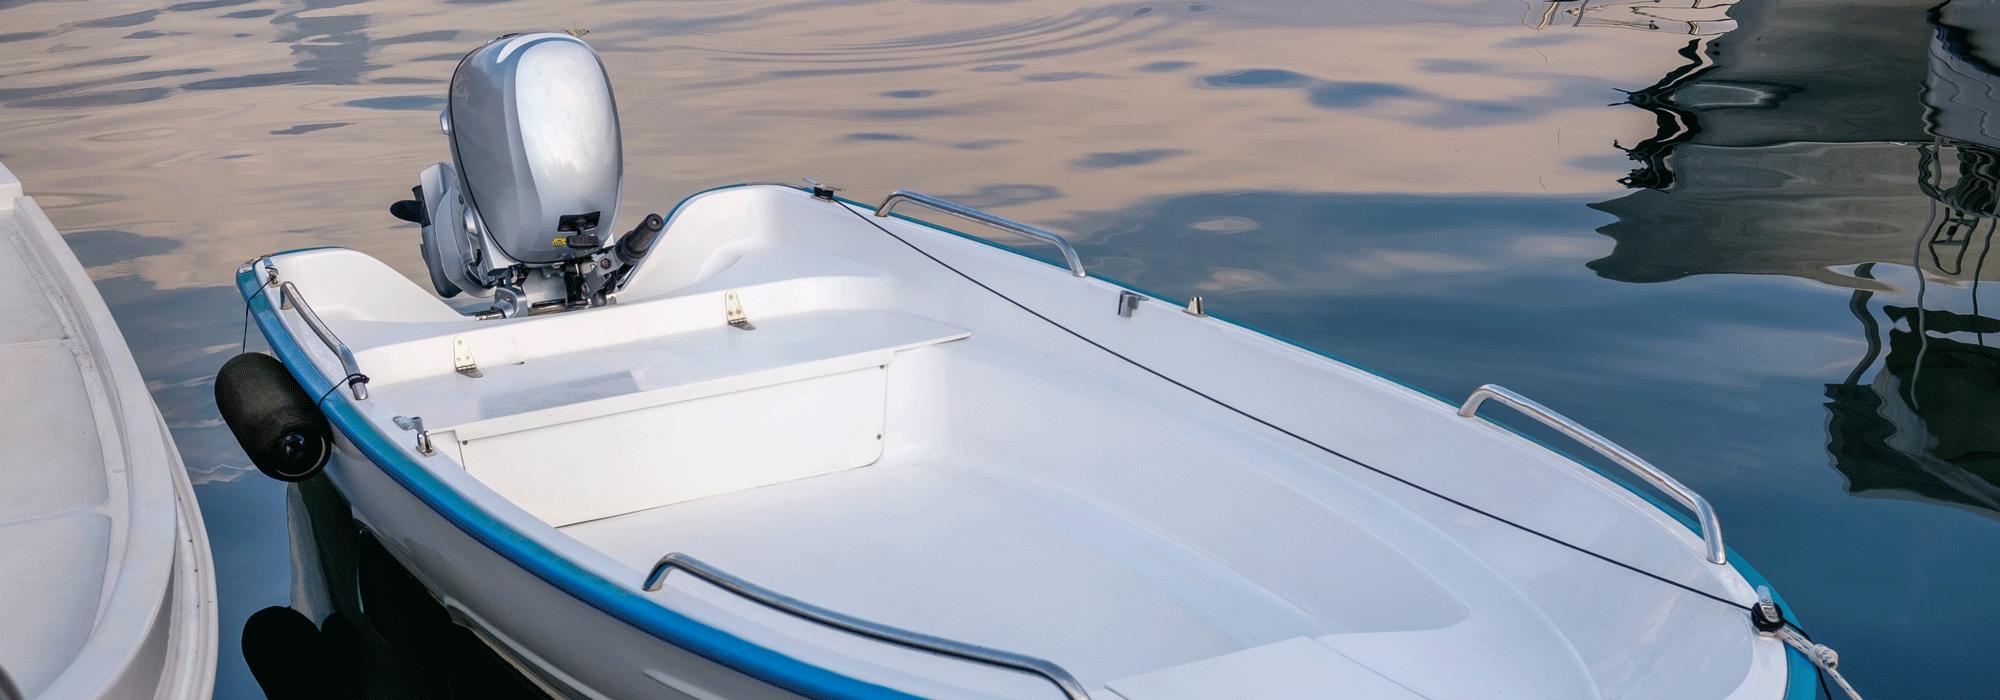 Quelle puissance pour un moteur de bateau sans permis?